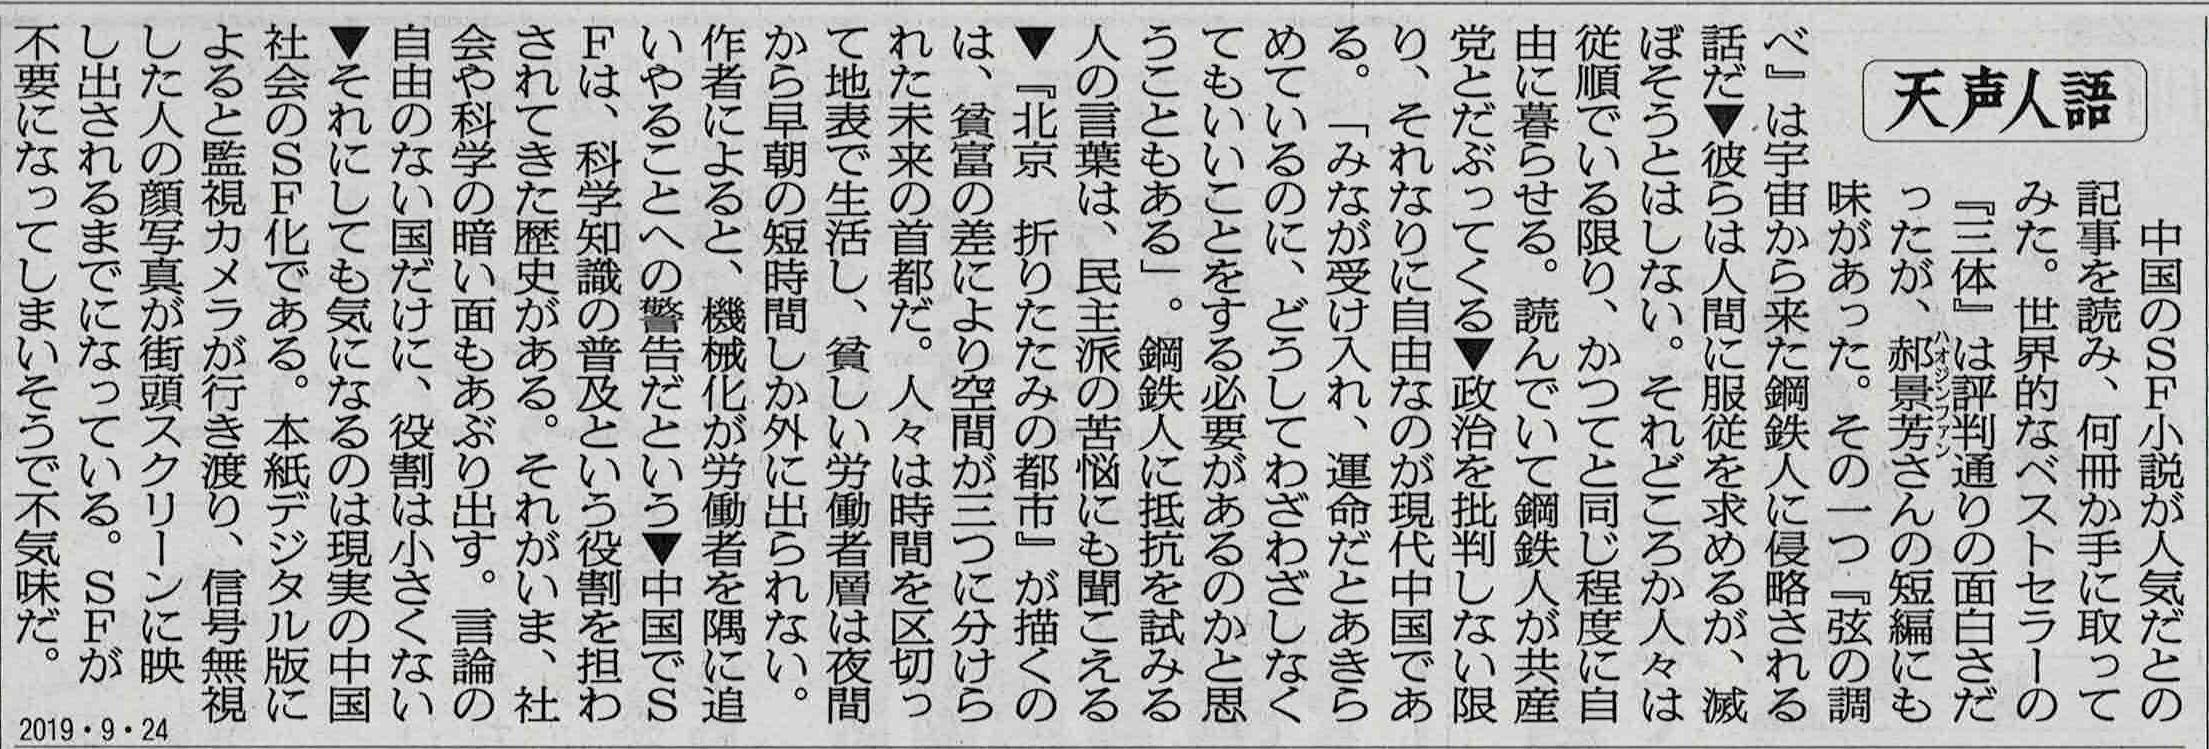 2019年9月24日   鎮魂と不屈の沖縄展  金城家族一般 その13_d0249595_06513639.jpg